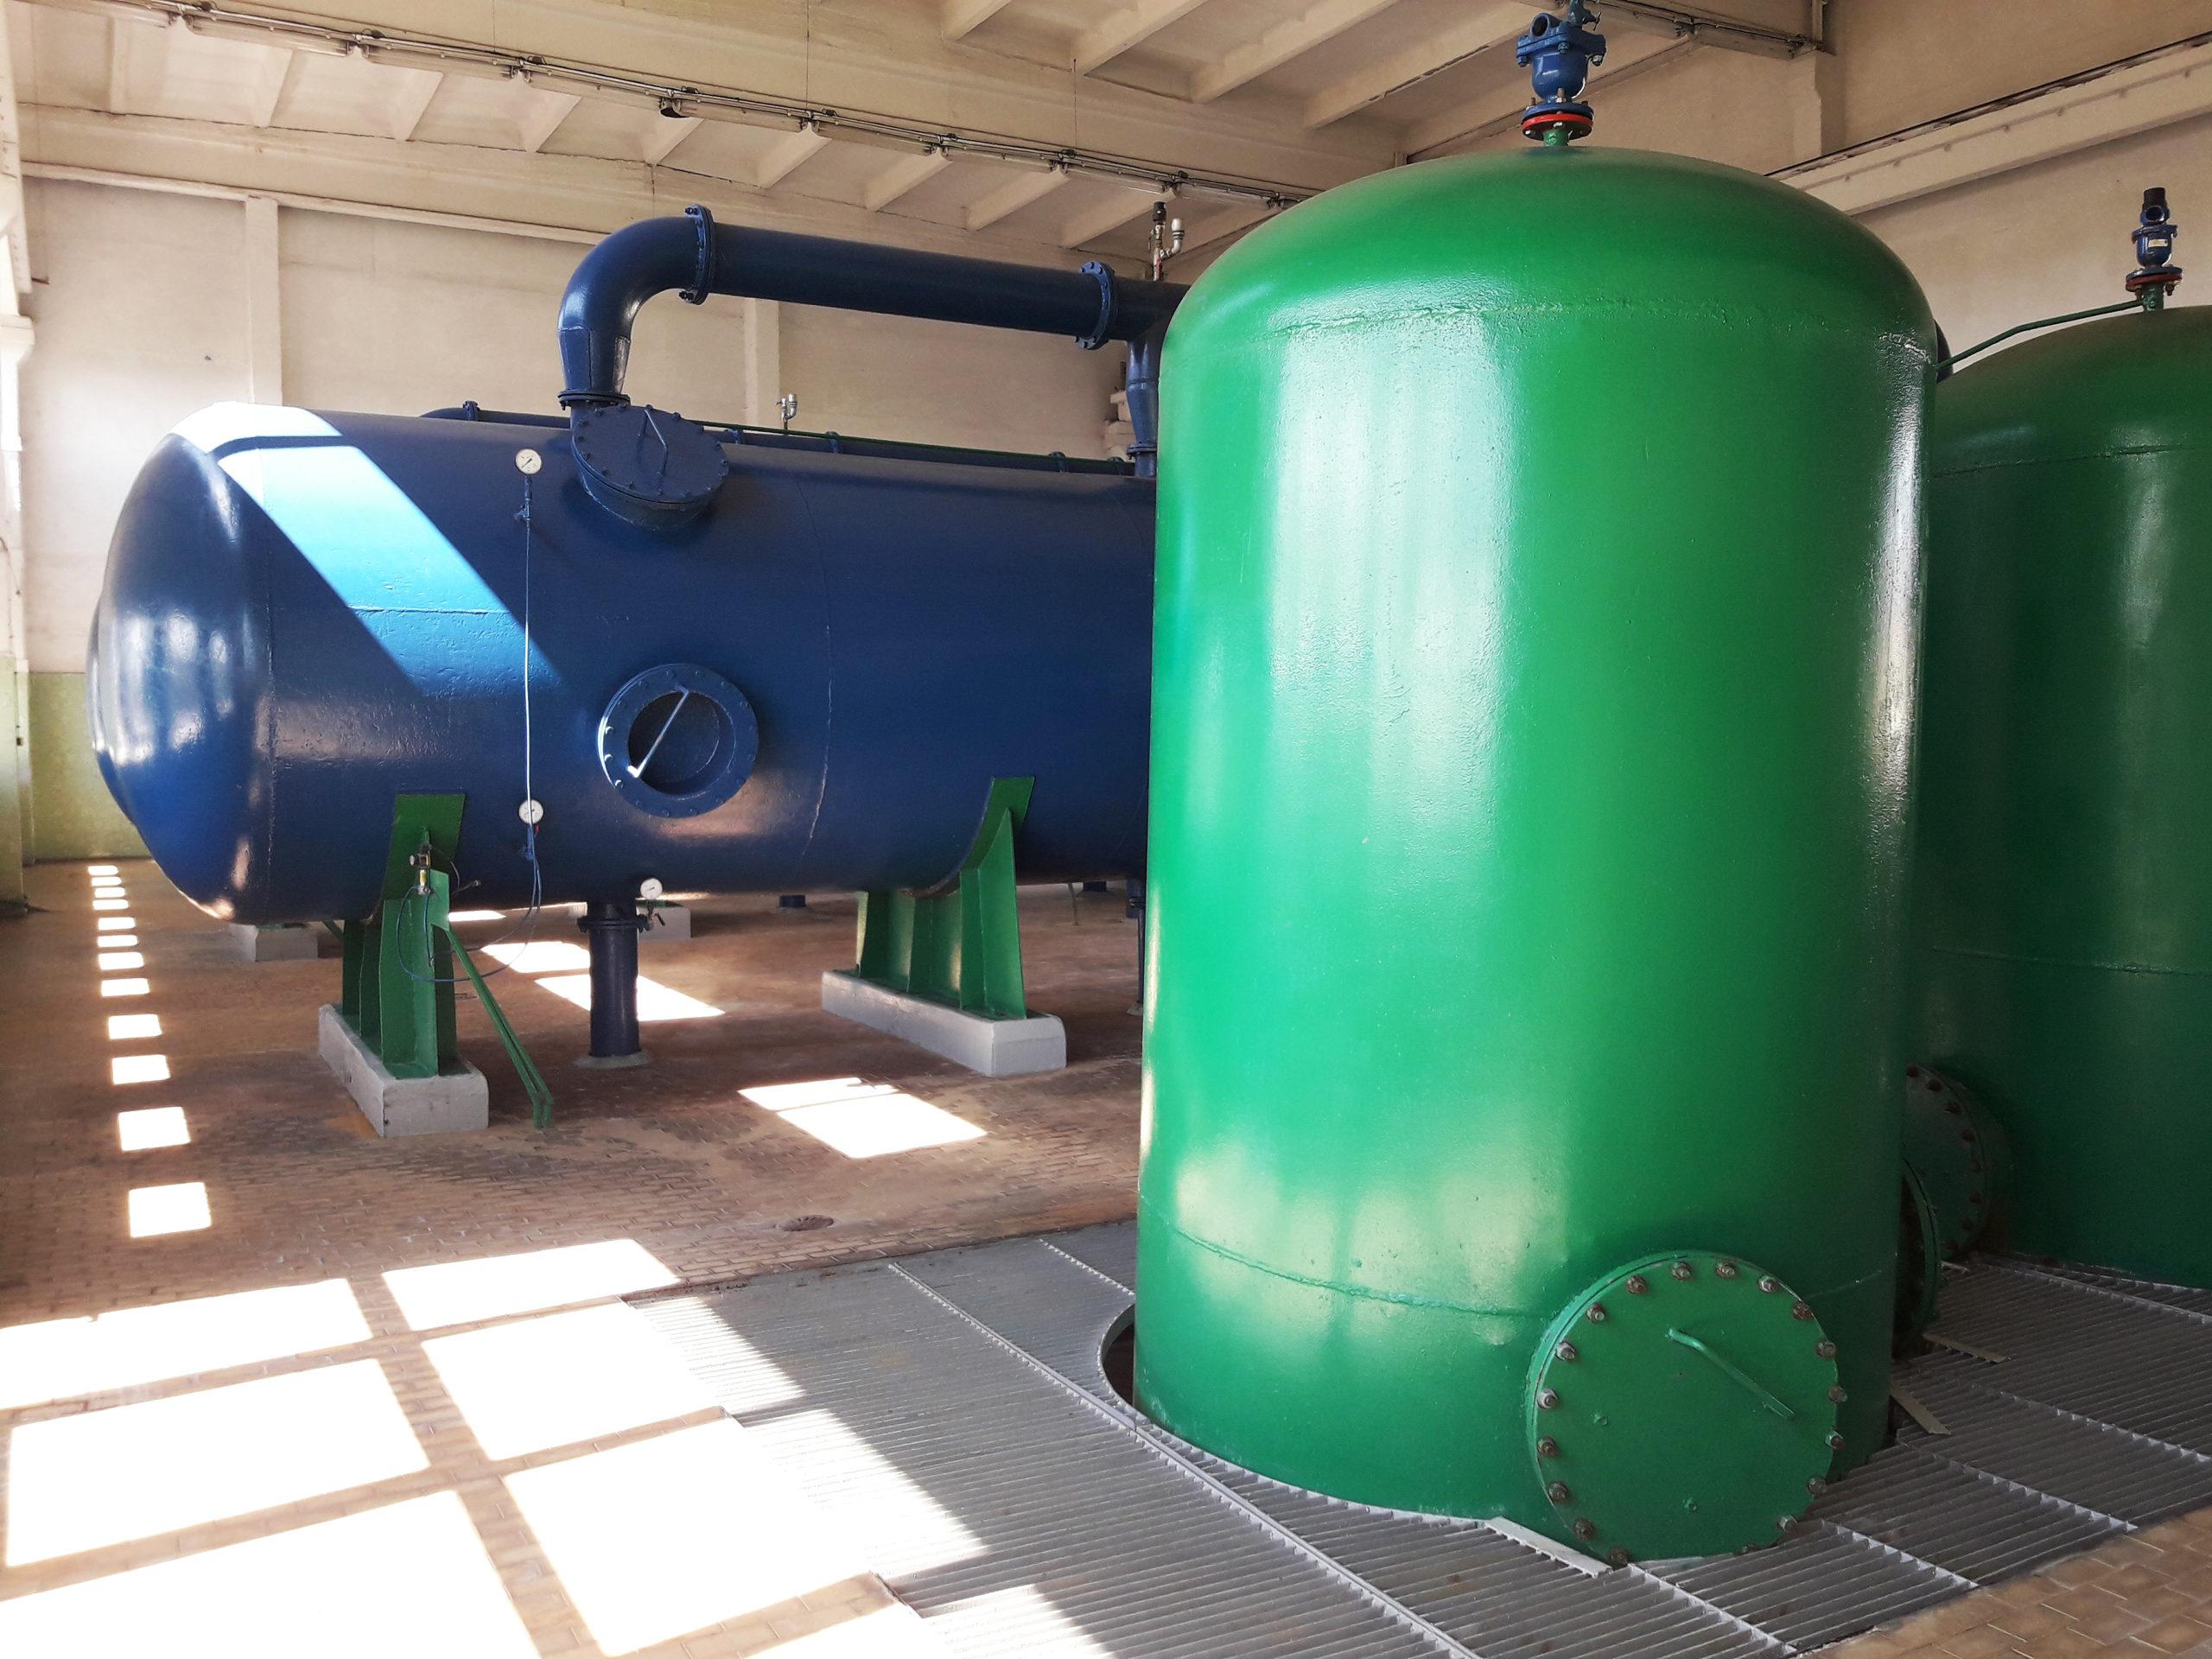 Zdjęcie - infrastruktura pracująca wewnątrz stacji uzdatniania wody.